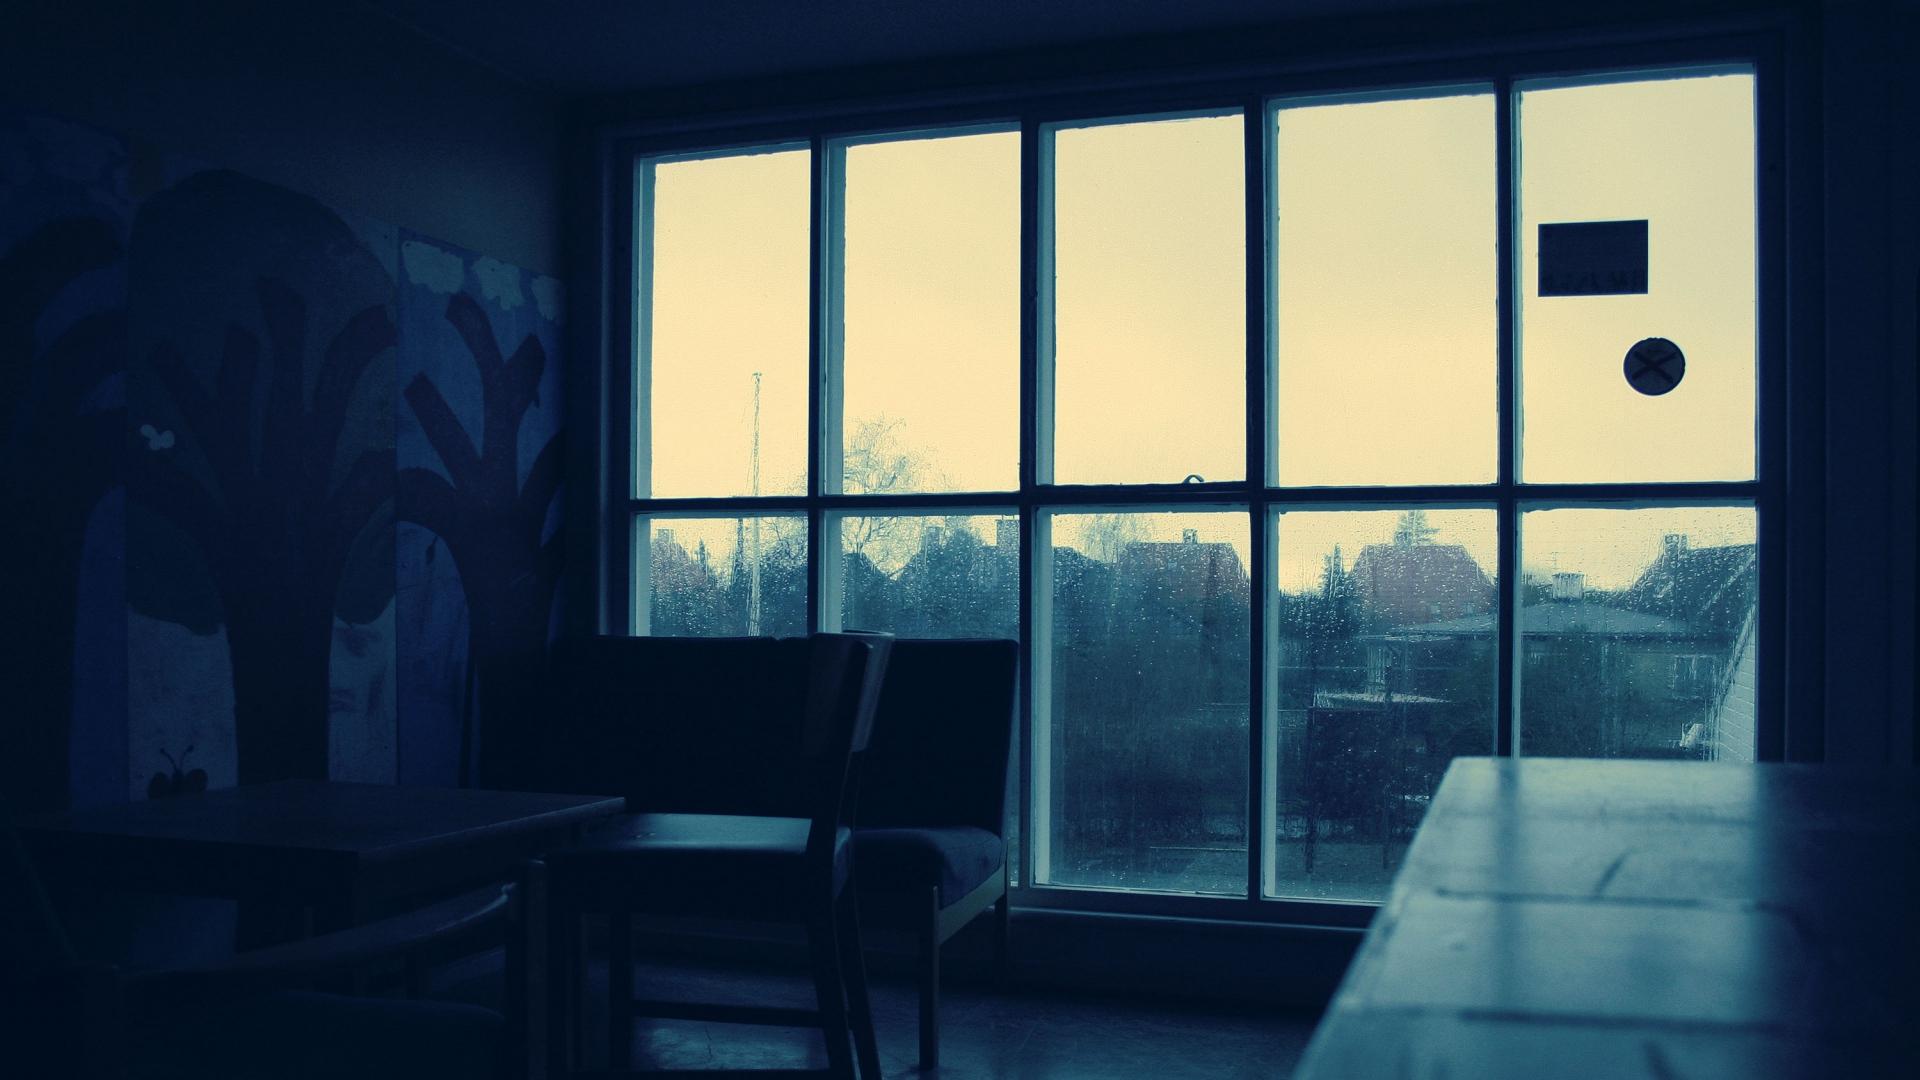 Dark Cozy Girl City Wallpaper Download Wallpaper 1920x1080 Room Window Rain Dark